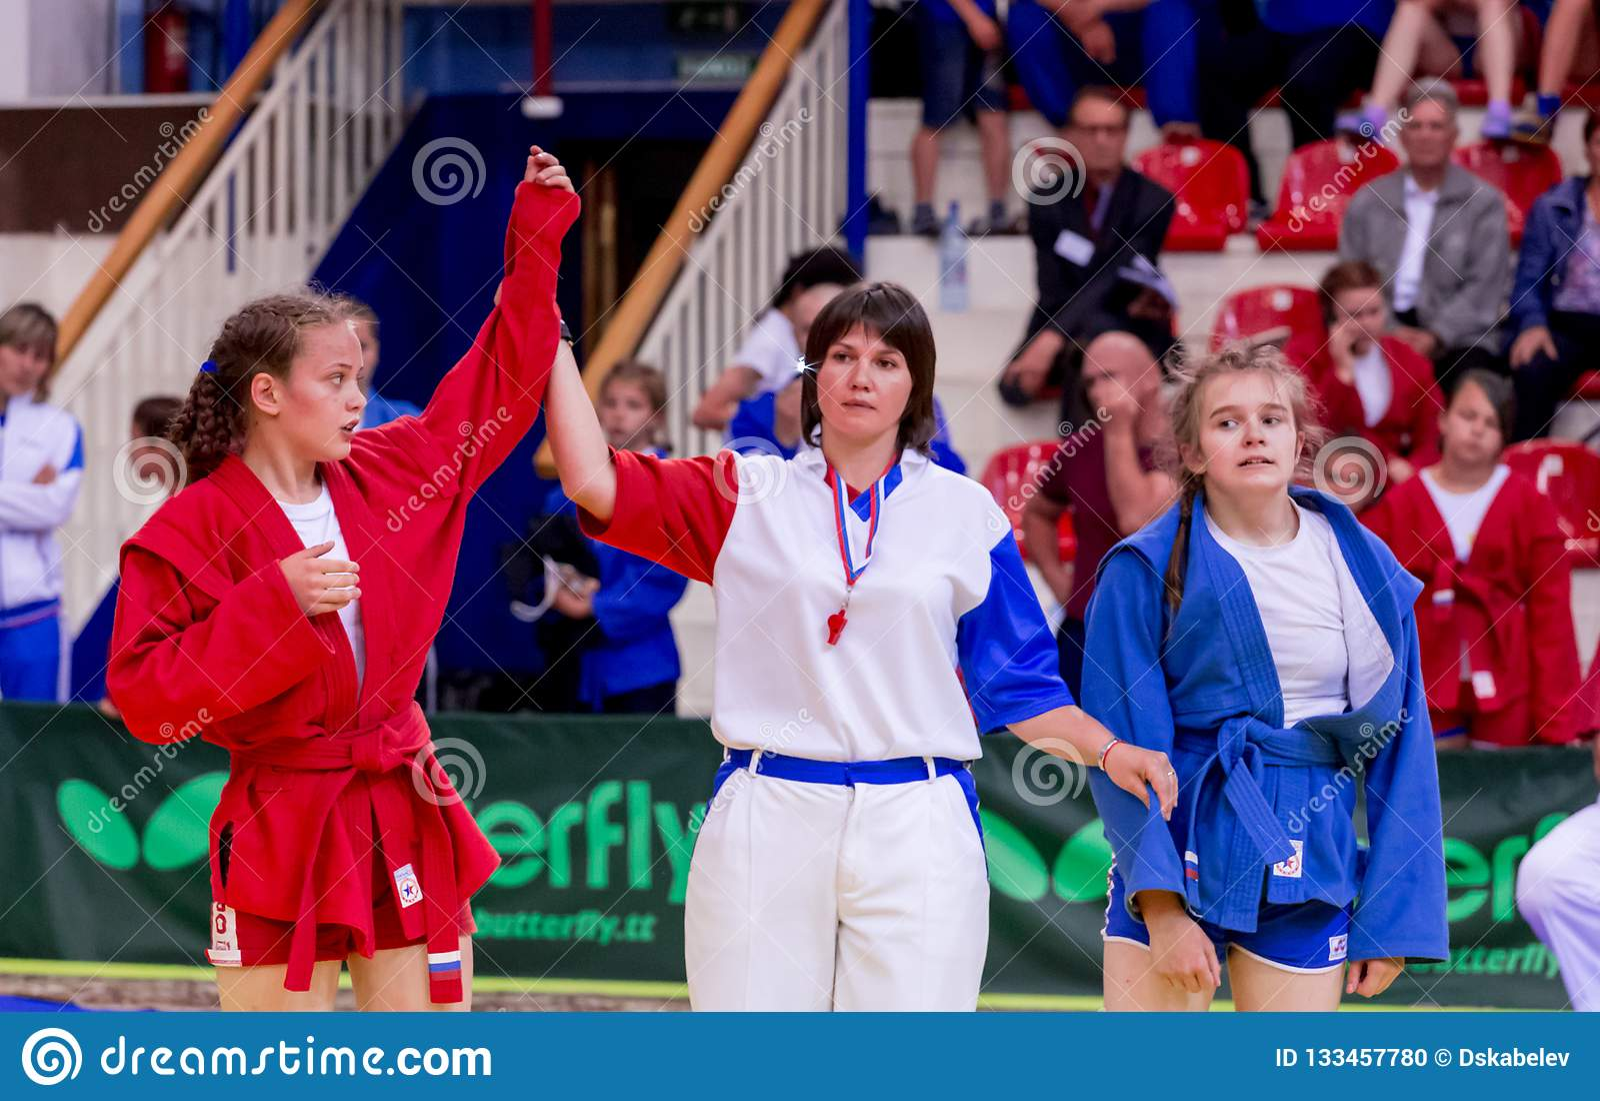 Rosja, Vladivostok, 06/30/2018 Zapaśnicza rywalizacja wśród dziewczyn Nastoletni turniej sztuka samoobrony i i walczący bawi się